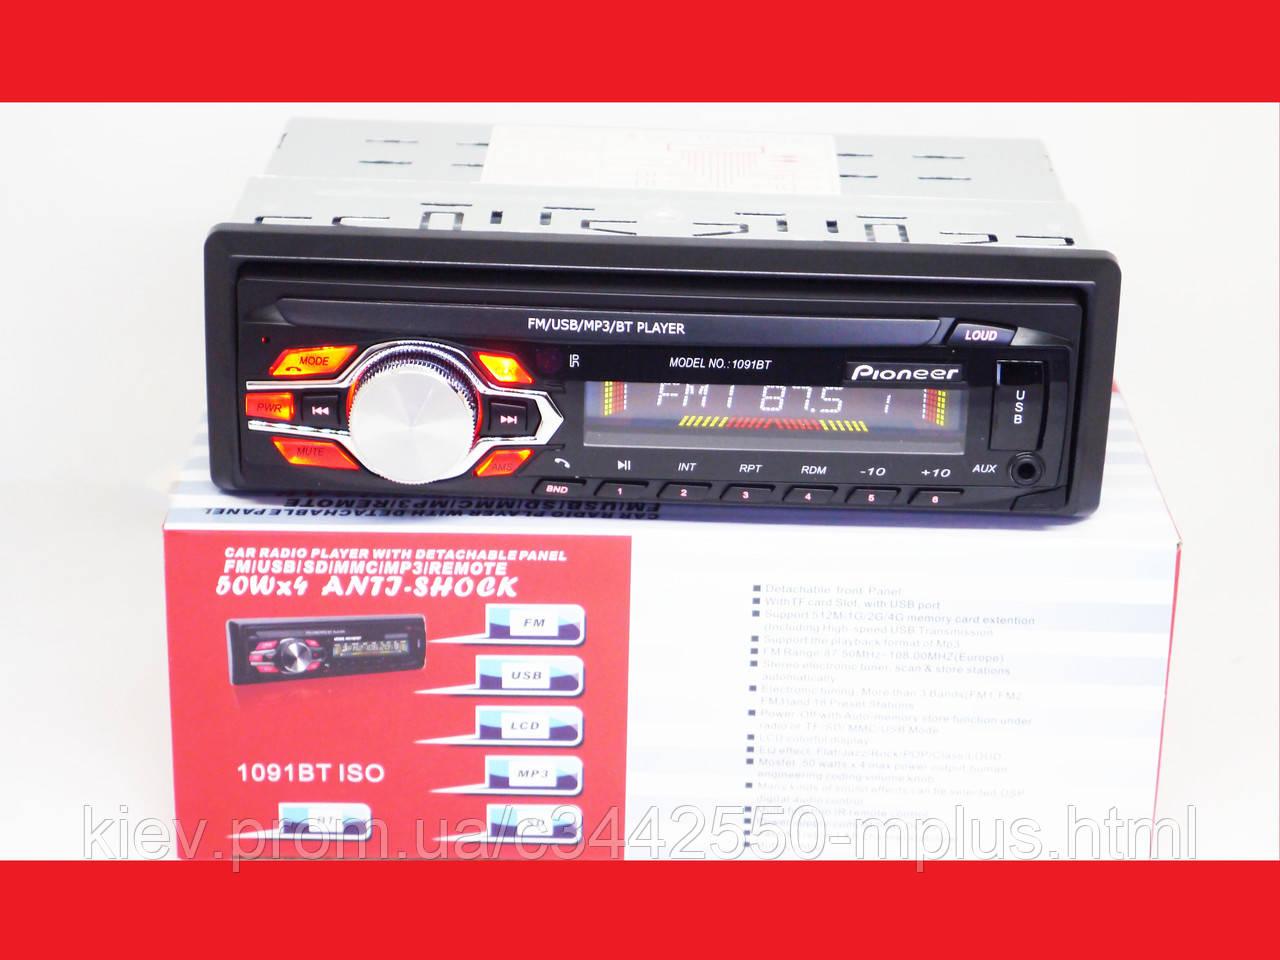 Автомагнитола Pioneer 1091BT - Bluetooth MP3 Player, FM, USB, microSD, AUX - СЪЕМНАЯ панель